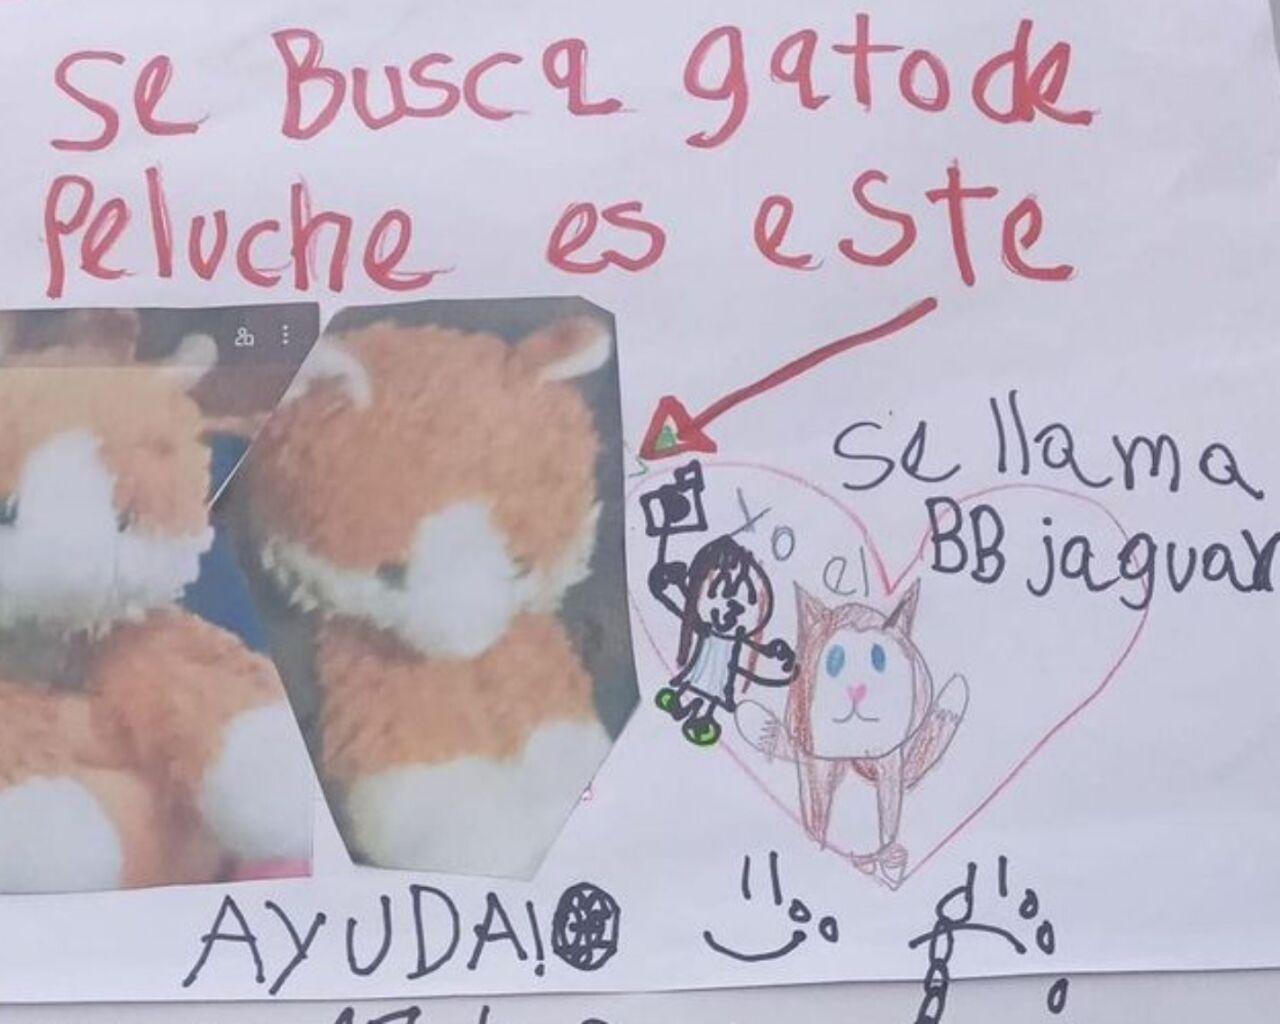 gato-peluche-20-pesos-niña (1).jpg